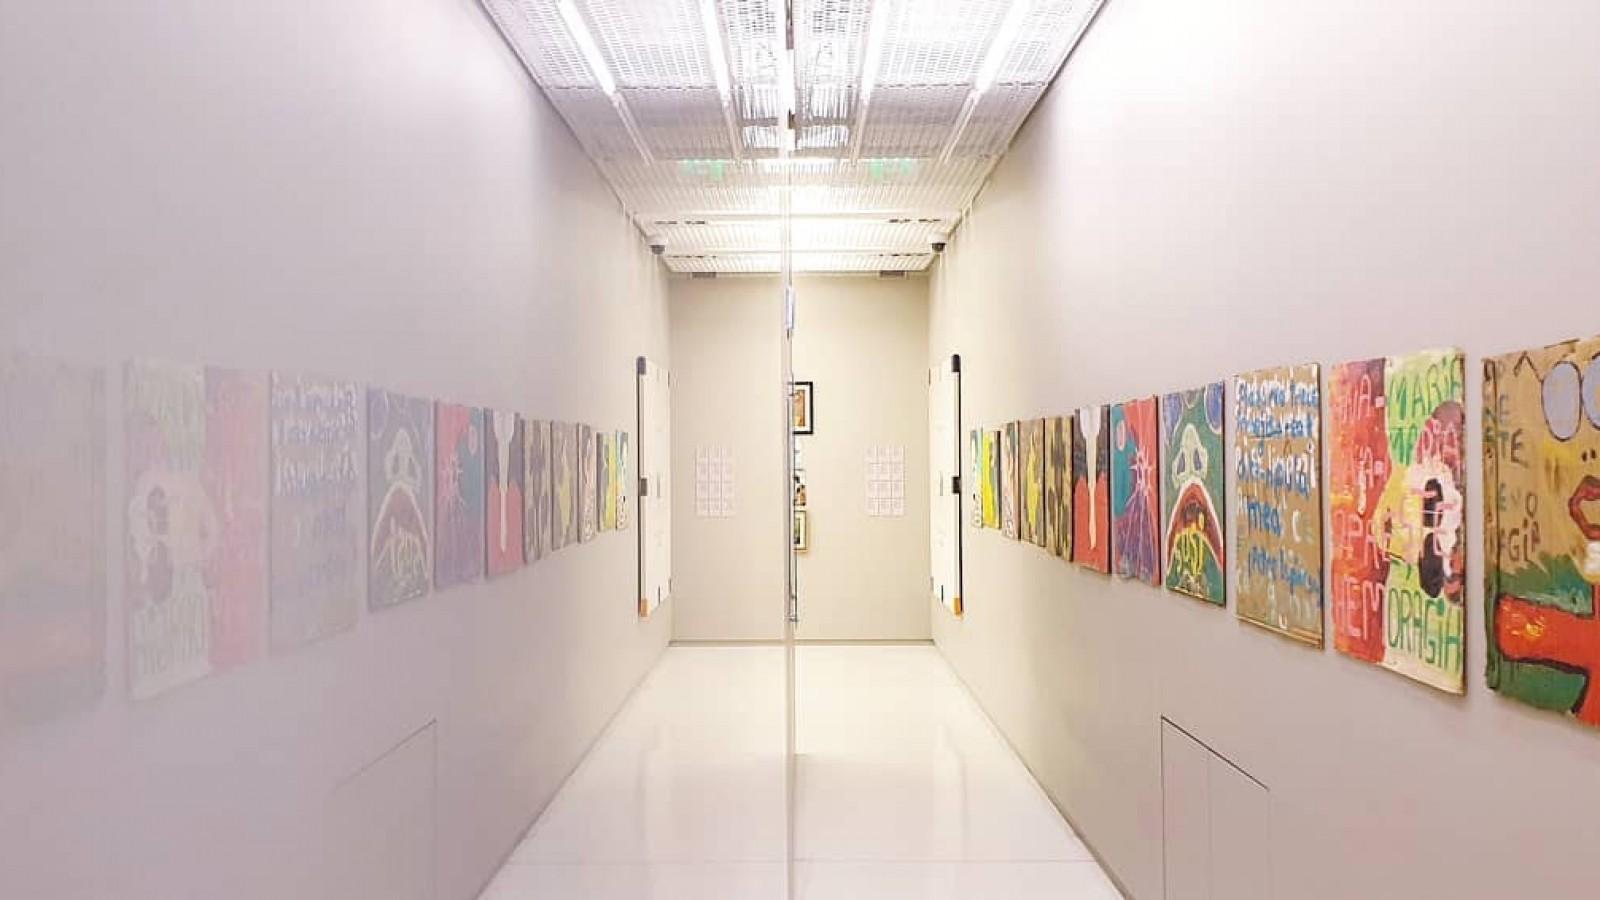 MARe/Muzeul de Artă Recentă